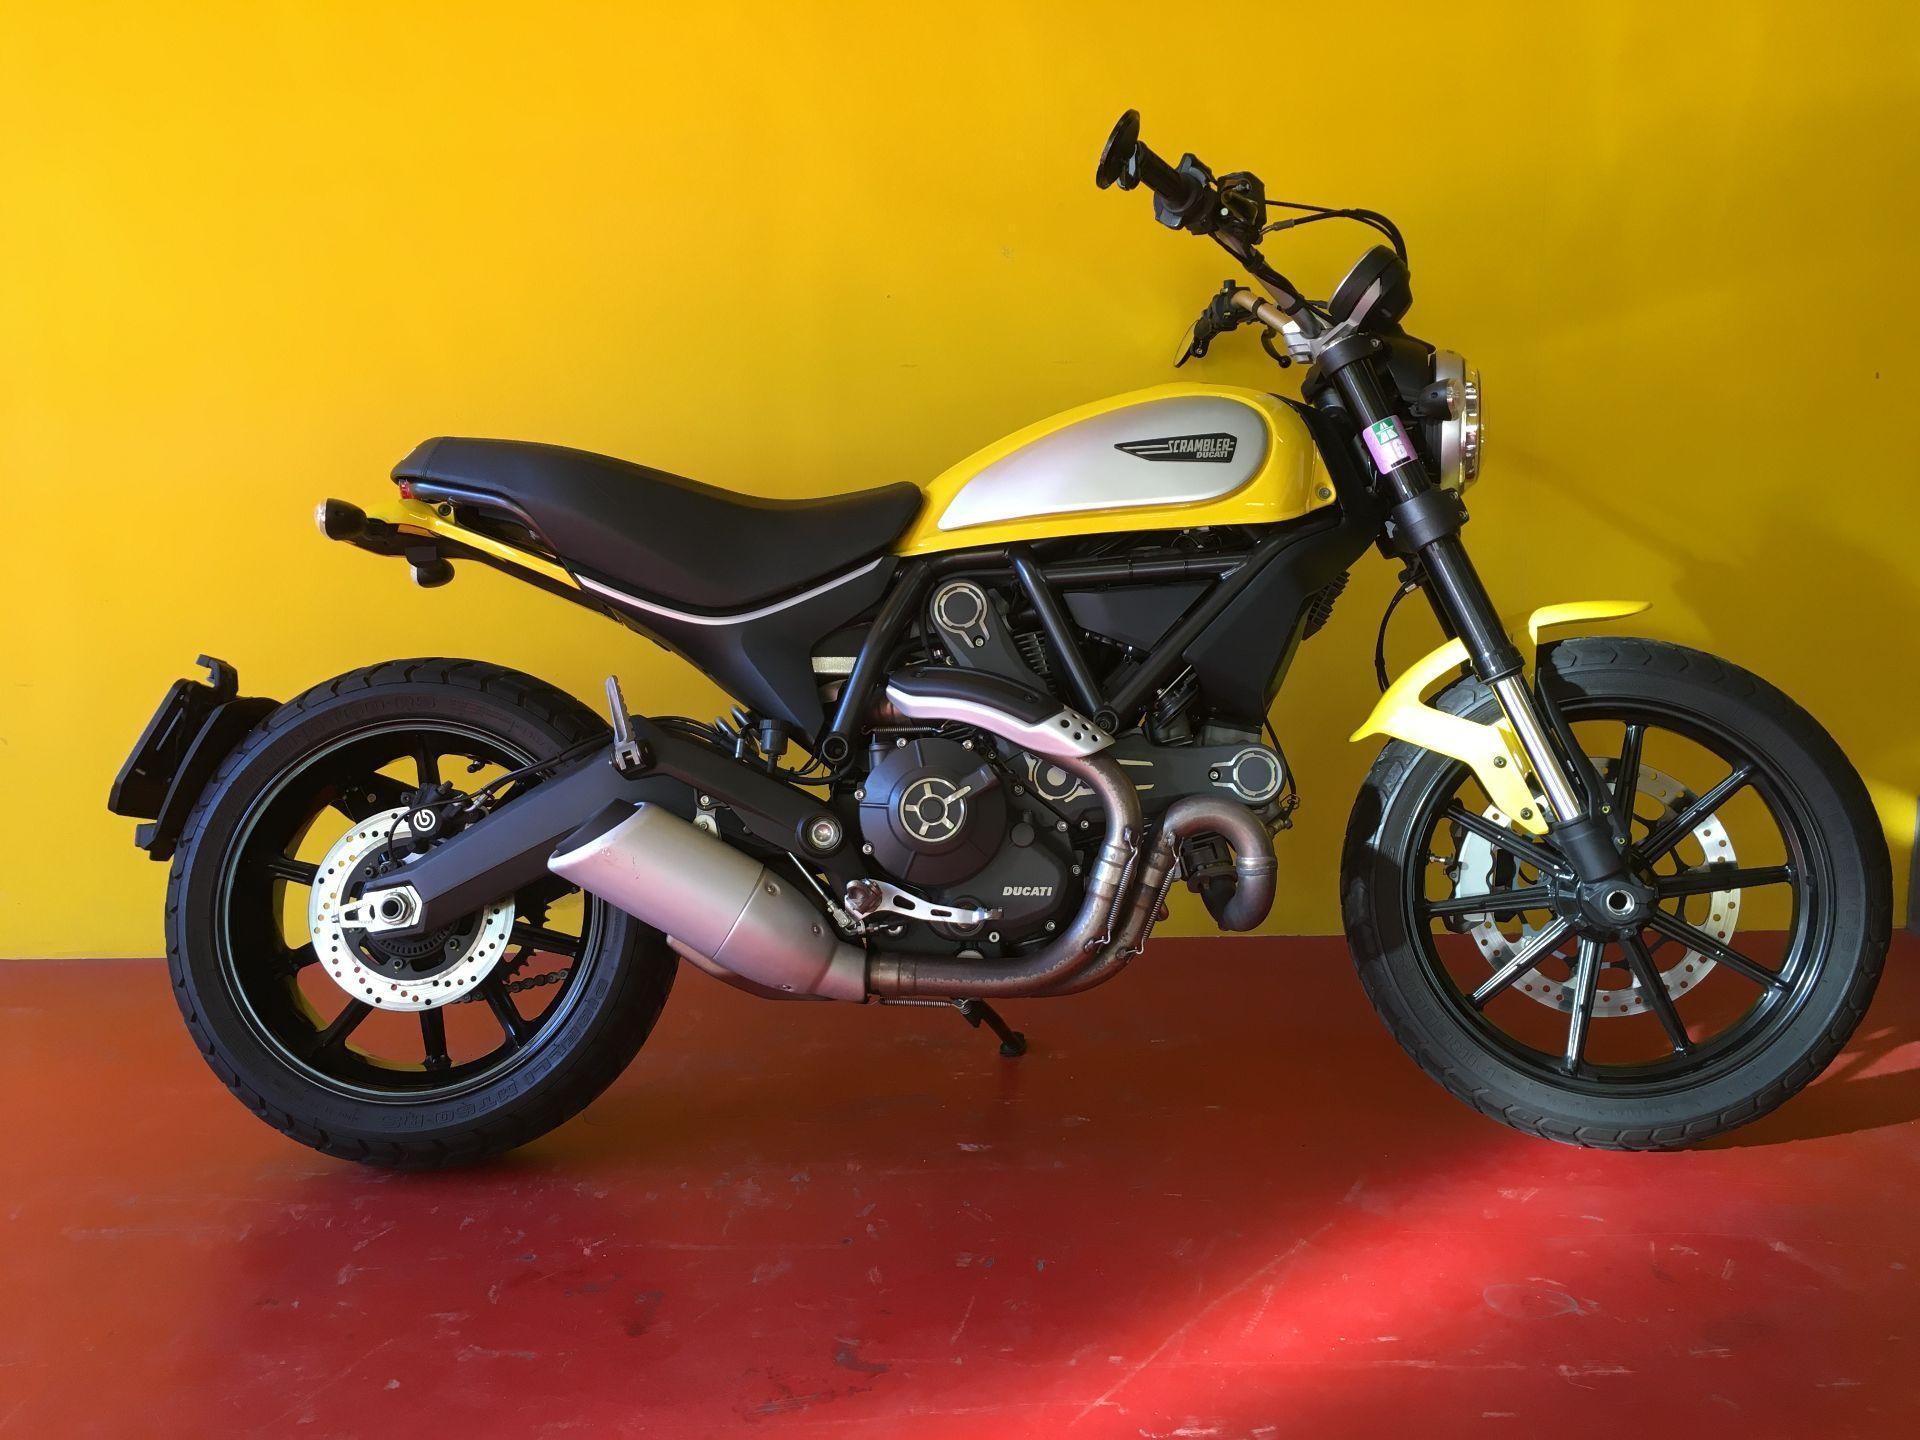 moto occasions acheter ducati 803 scrambler centro moto ticino camorino camorino. Black Bedroom Furniture Sets. Home Design Ideas